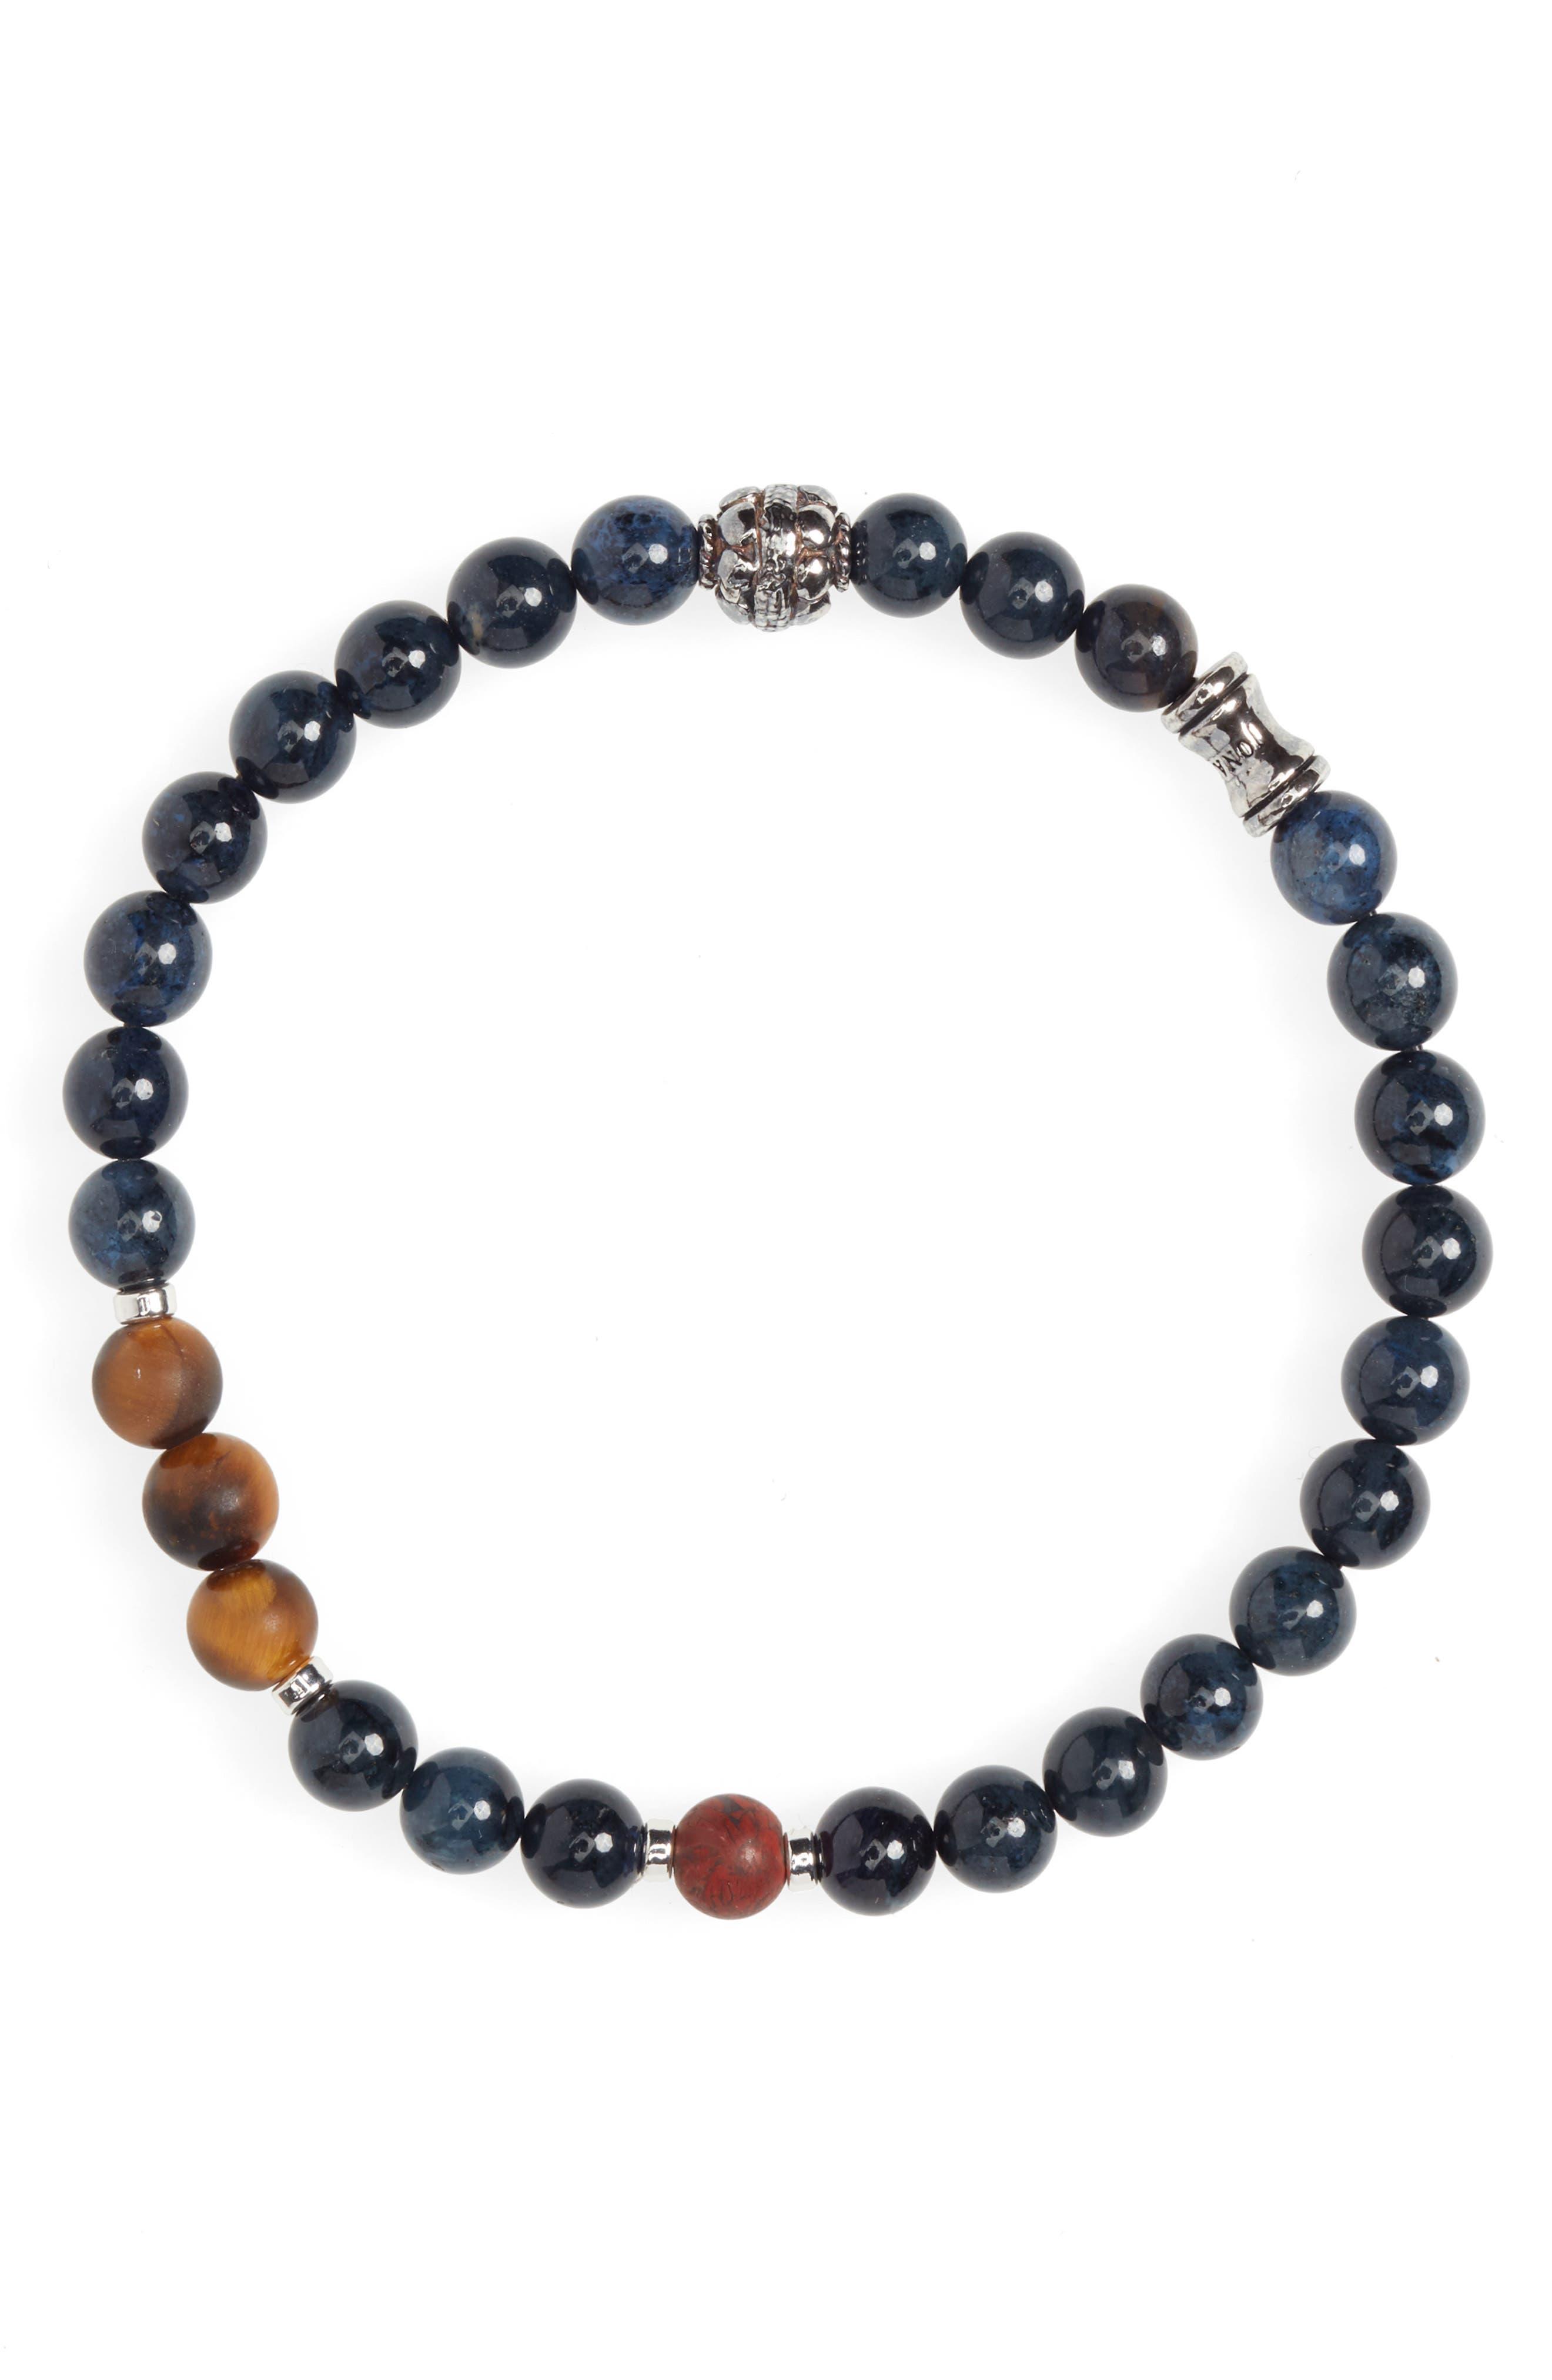 JONAS STUDIO Dakota Tritone Stone Stretch Bracelet in Blue